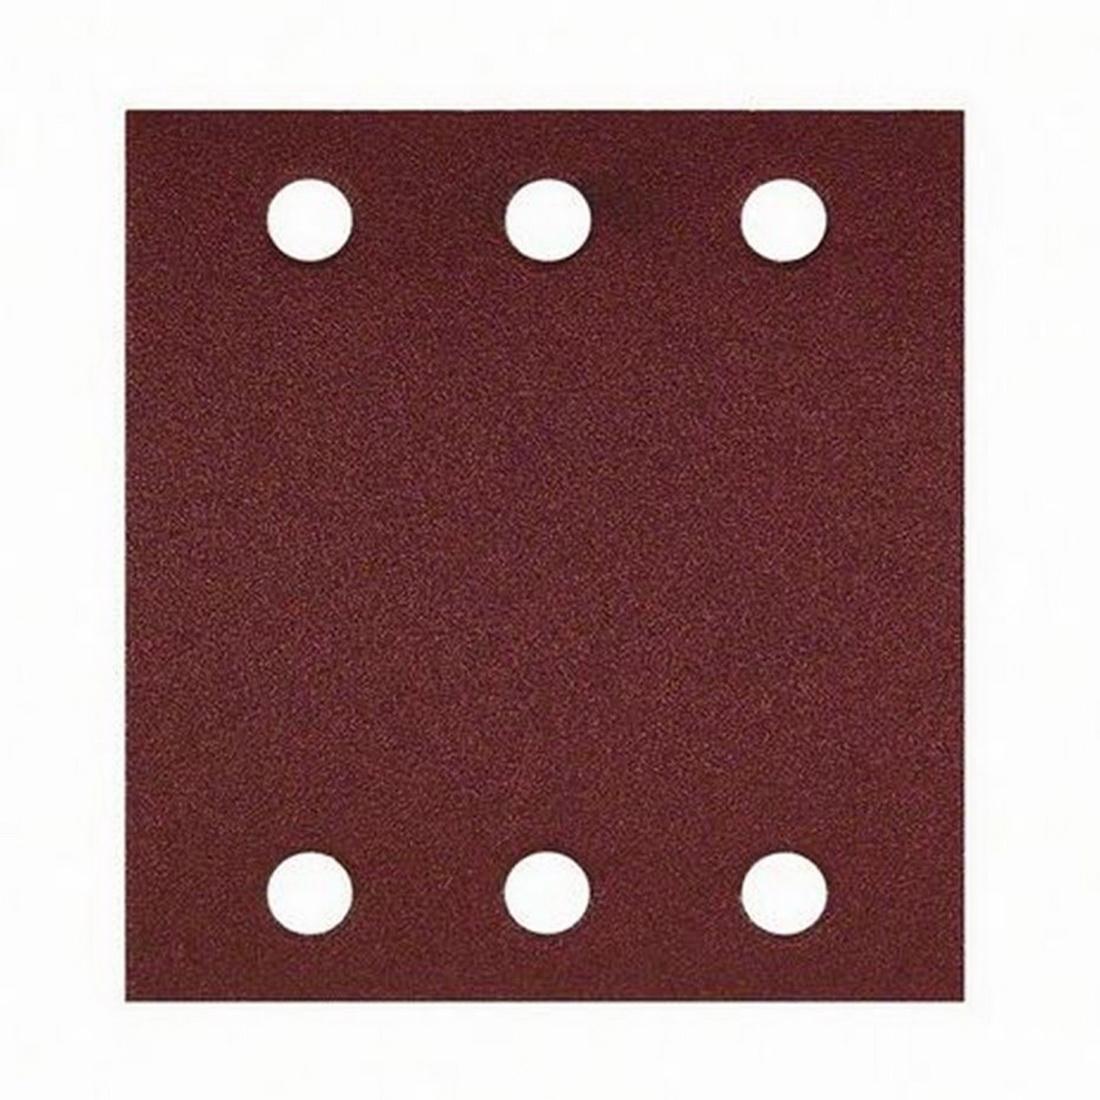 6-Hole Random Orbital Sanding Sheet For Wood 107 x 115mm 120 Grit 10 pack 2608607458